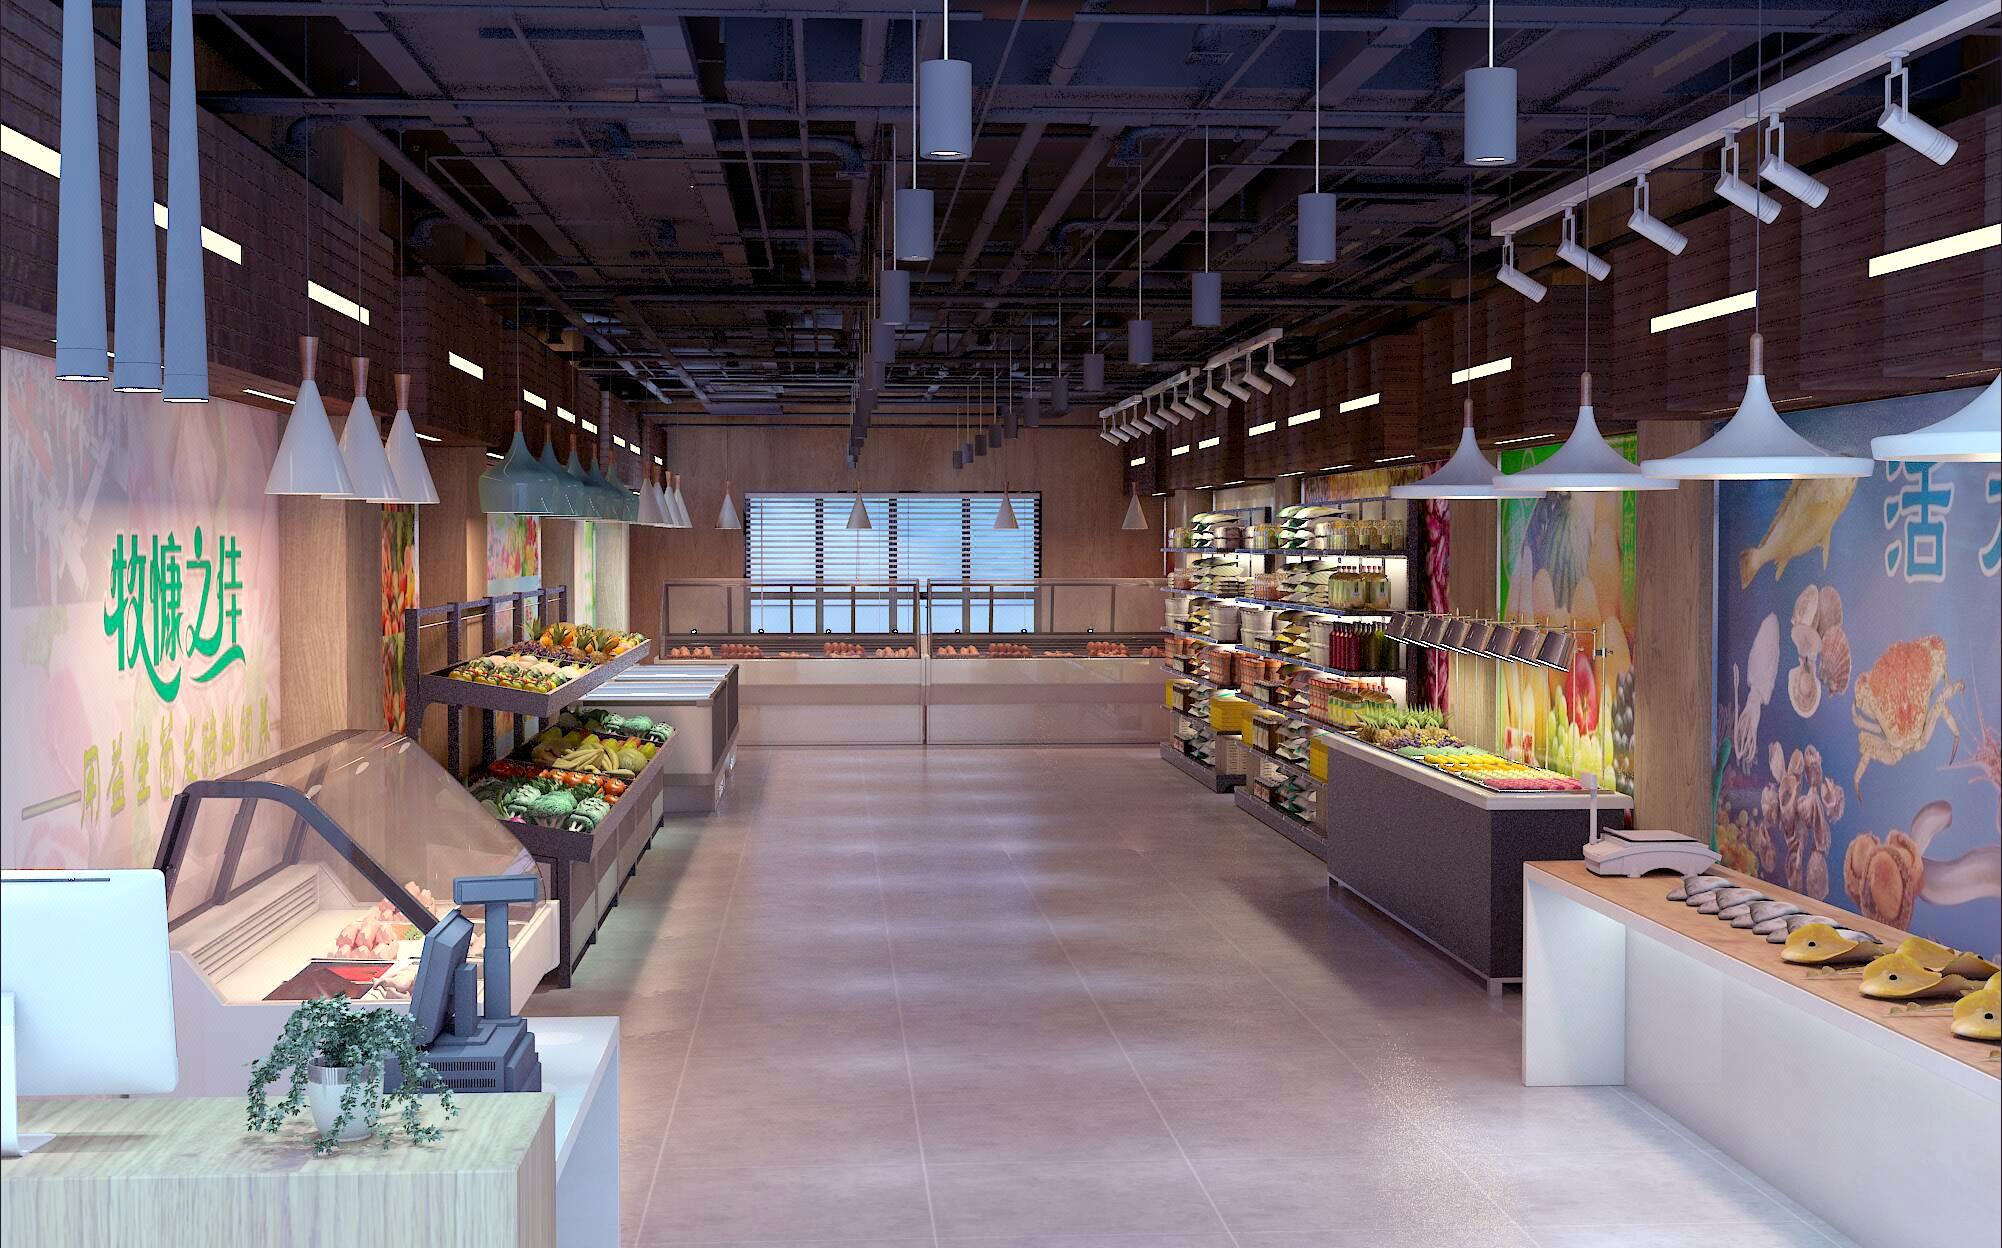 店铺店面设计商铺门头装修设计西餐厅咖啡厅西饼特产芸树空间设计